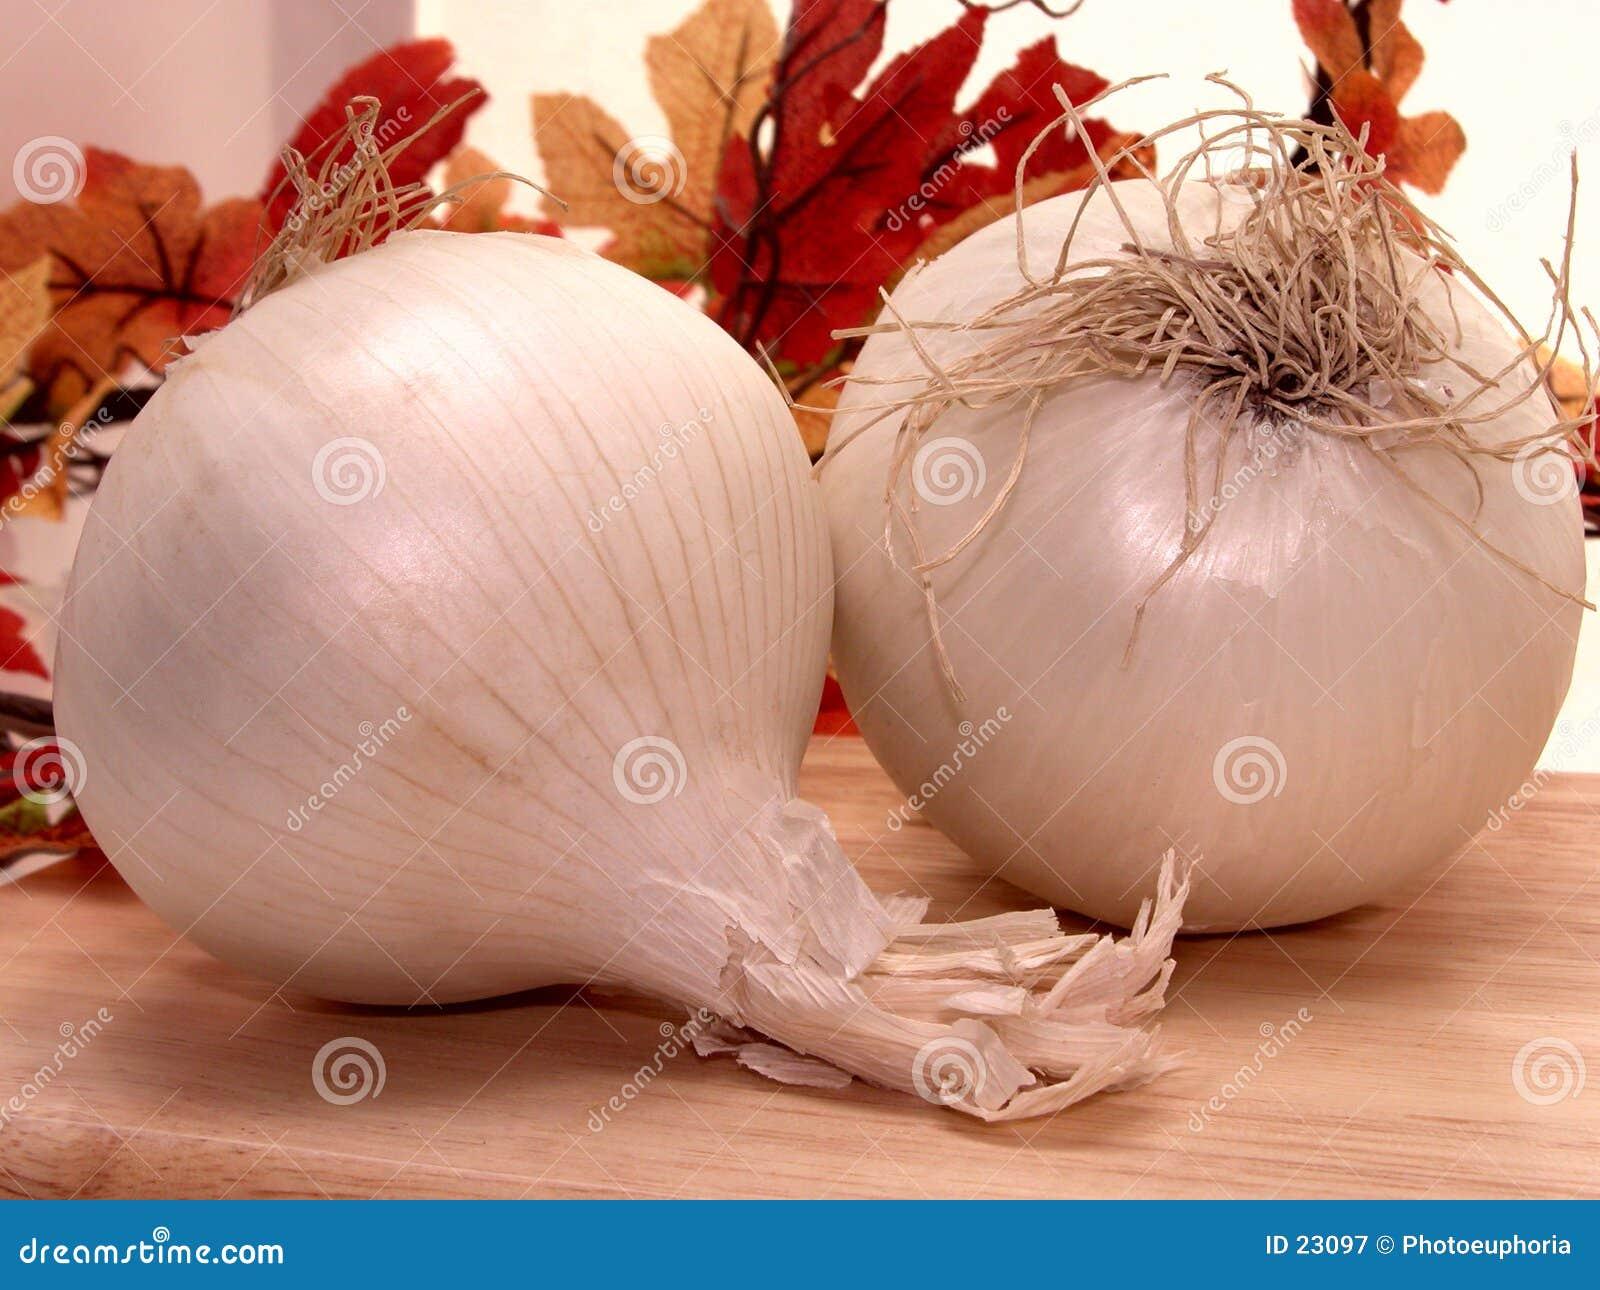 Alimento: Cebollas blancas